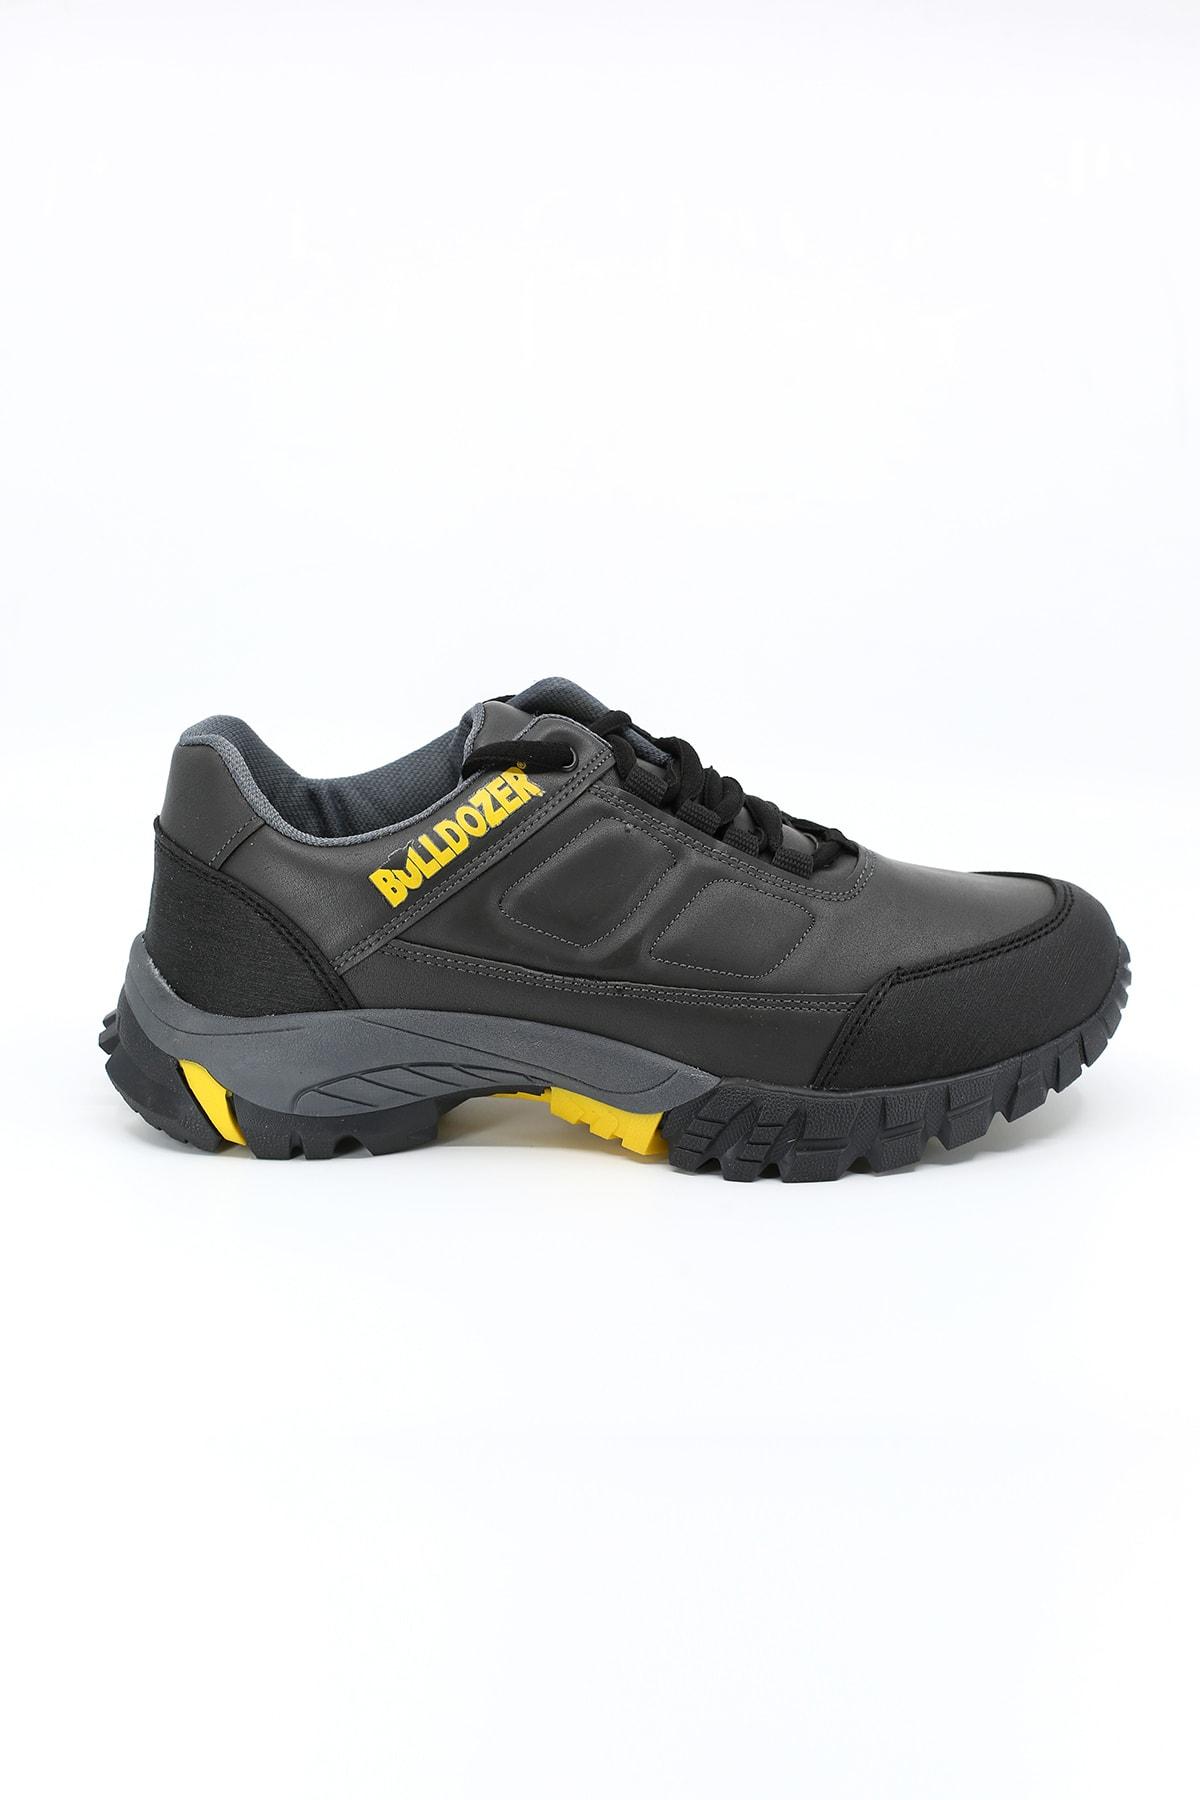 Bulldozer Erkek Outdoor Füme Sarı Ayakkabı 10w4210421 1